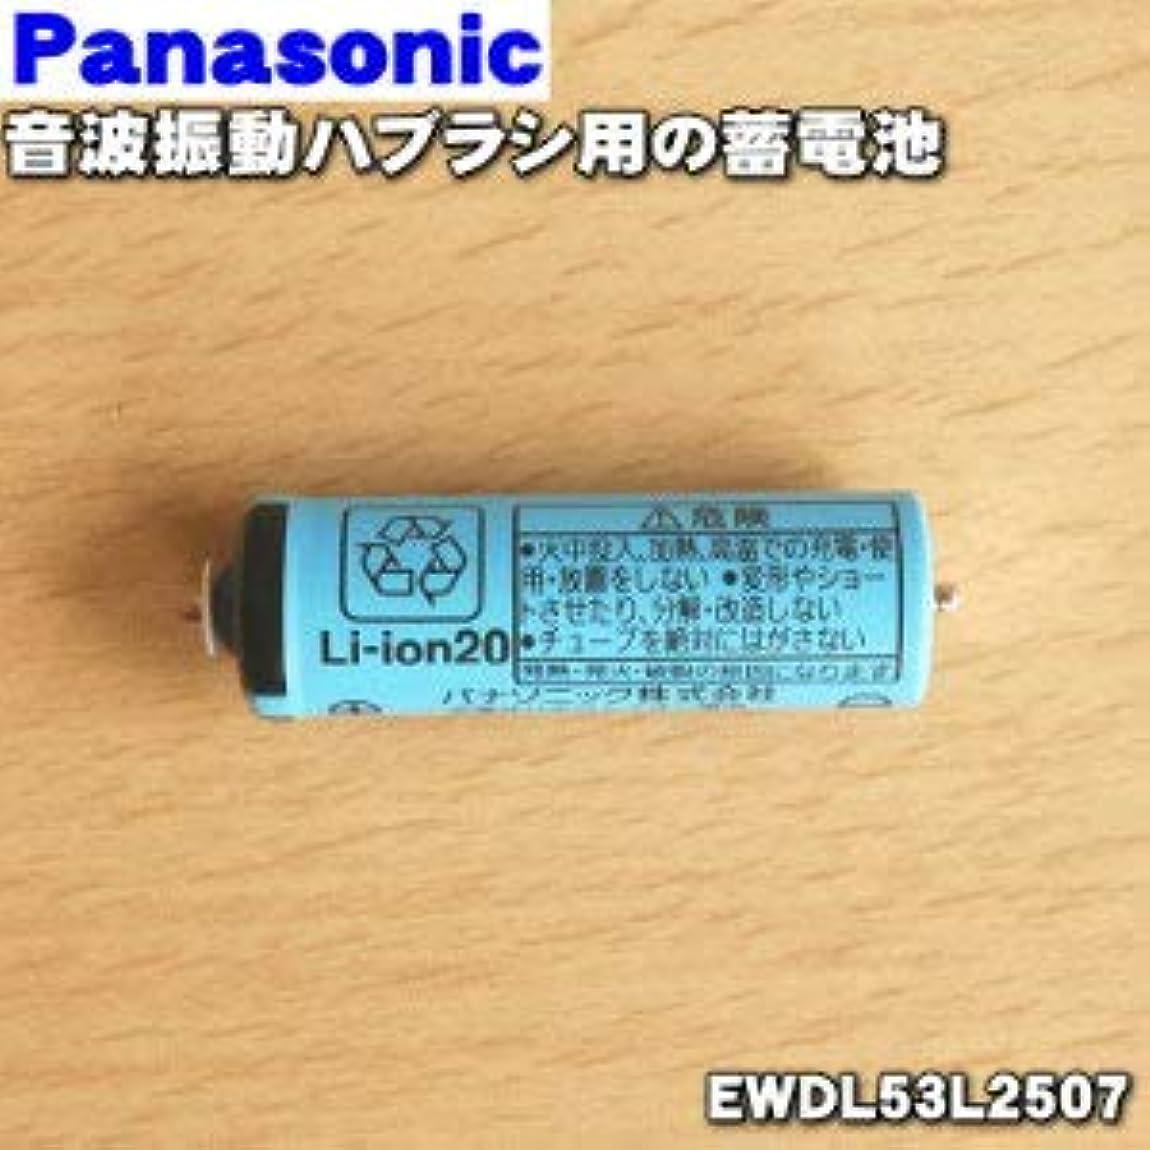 機会報酬裏切るパナソニック Panasonic 音波振動ハブラシ Doltz 蓄電池交換用蓄電池 EWDL53L2507